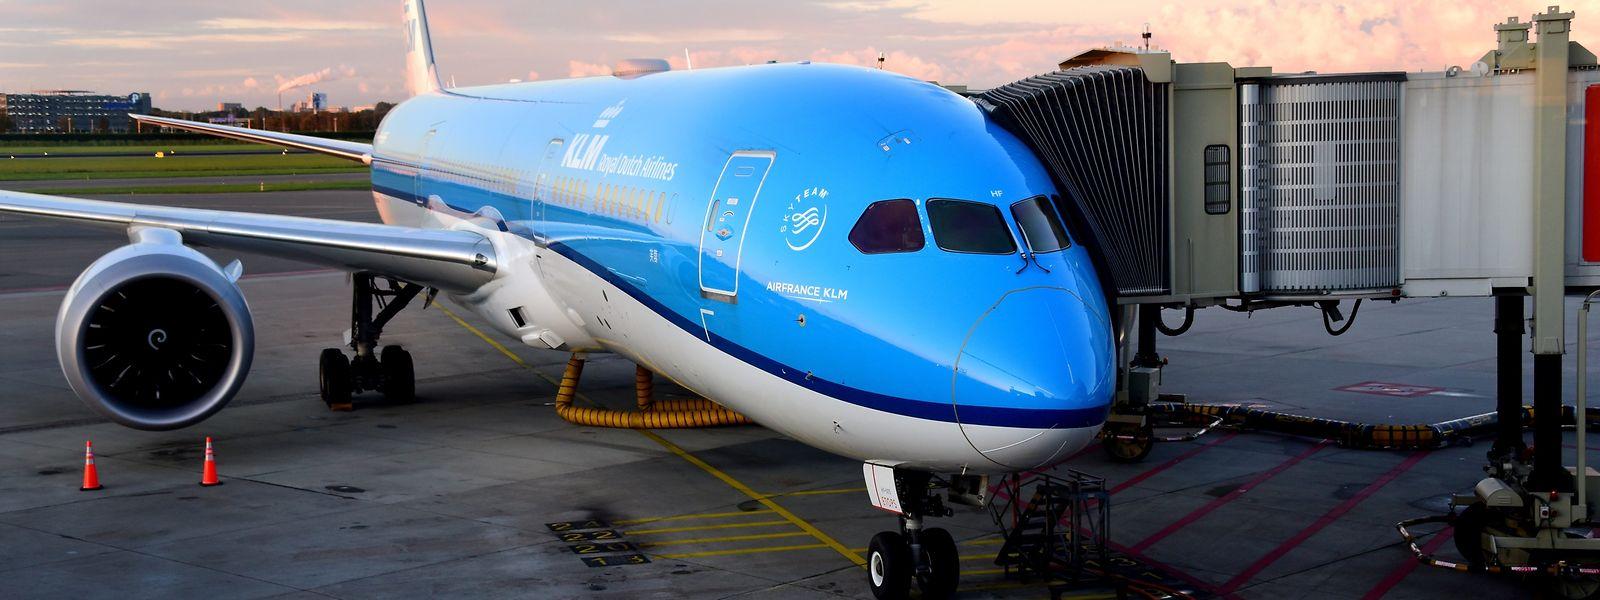 Eine 787 der niederländischen Fluggesellschaft KLM: